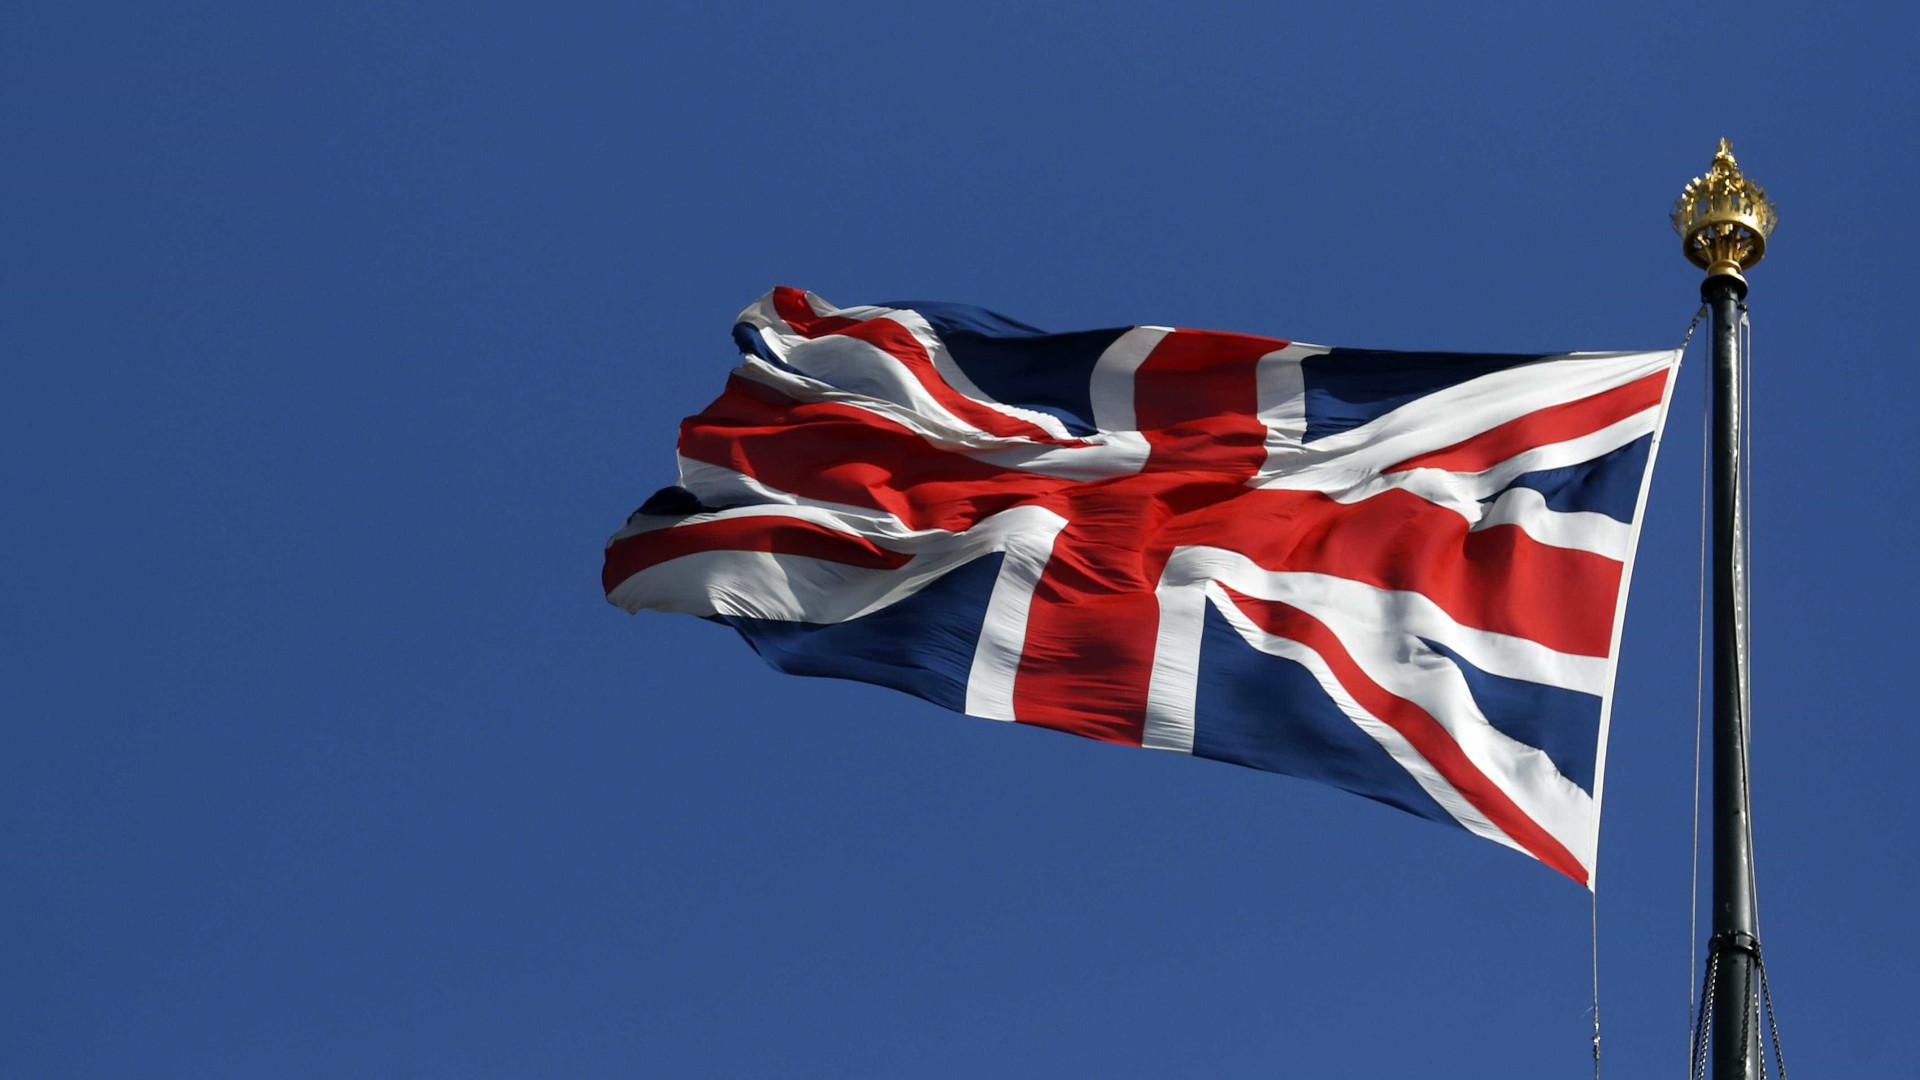 Brexit: Vendas a retalho no Reino Unido com maior queda em 7 anos